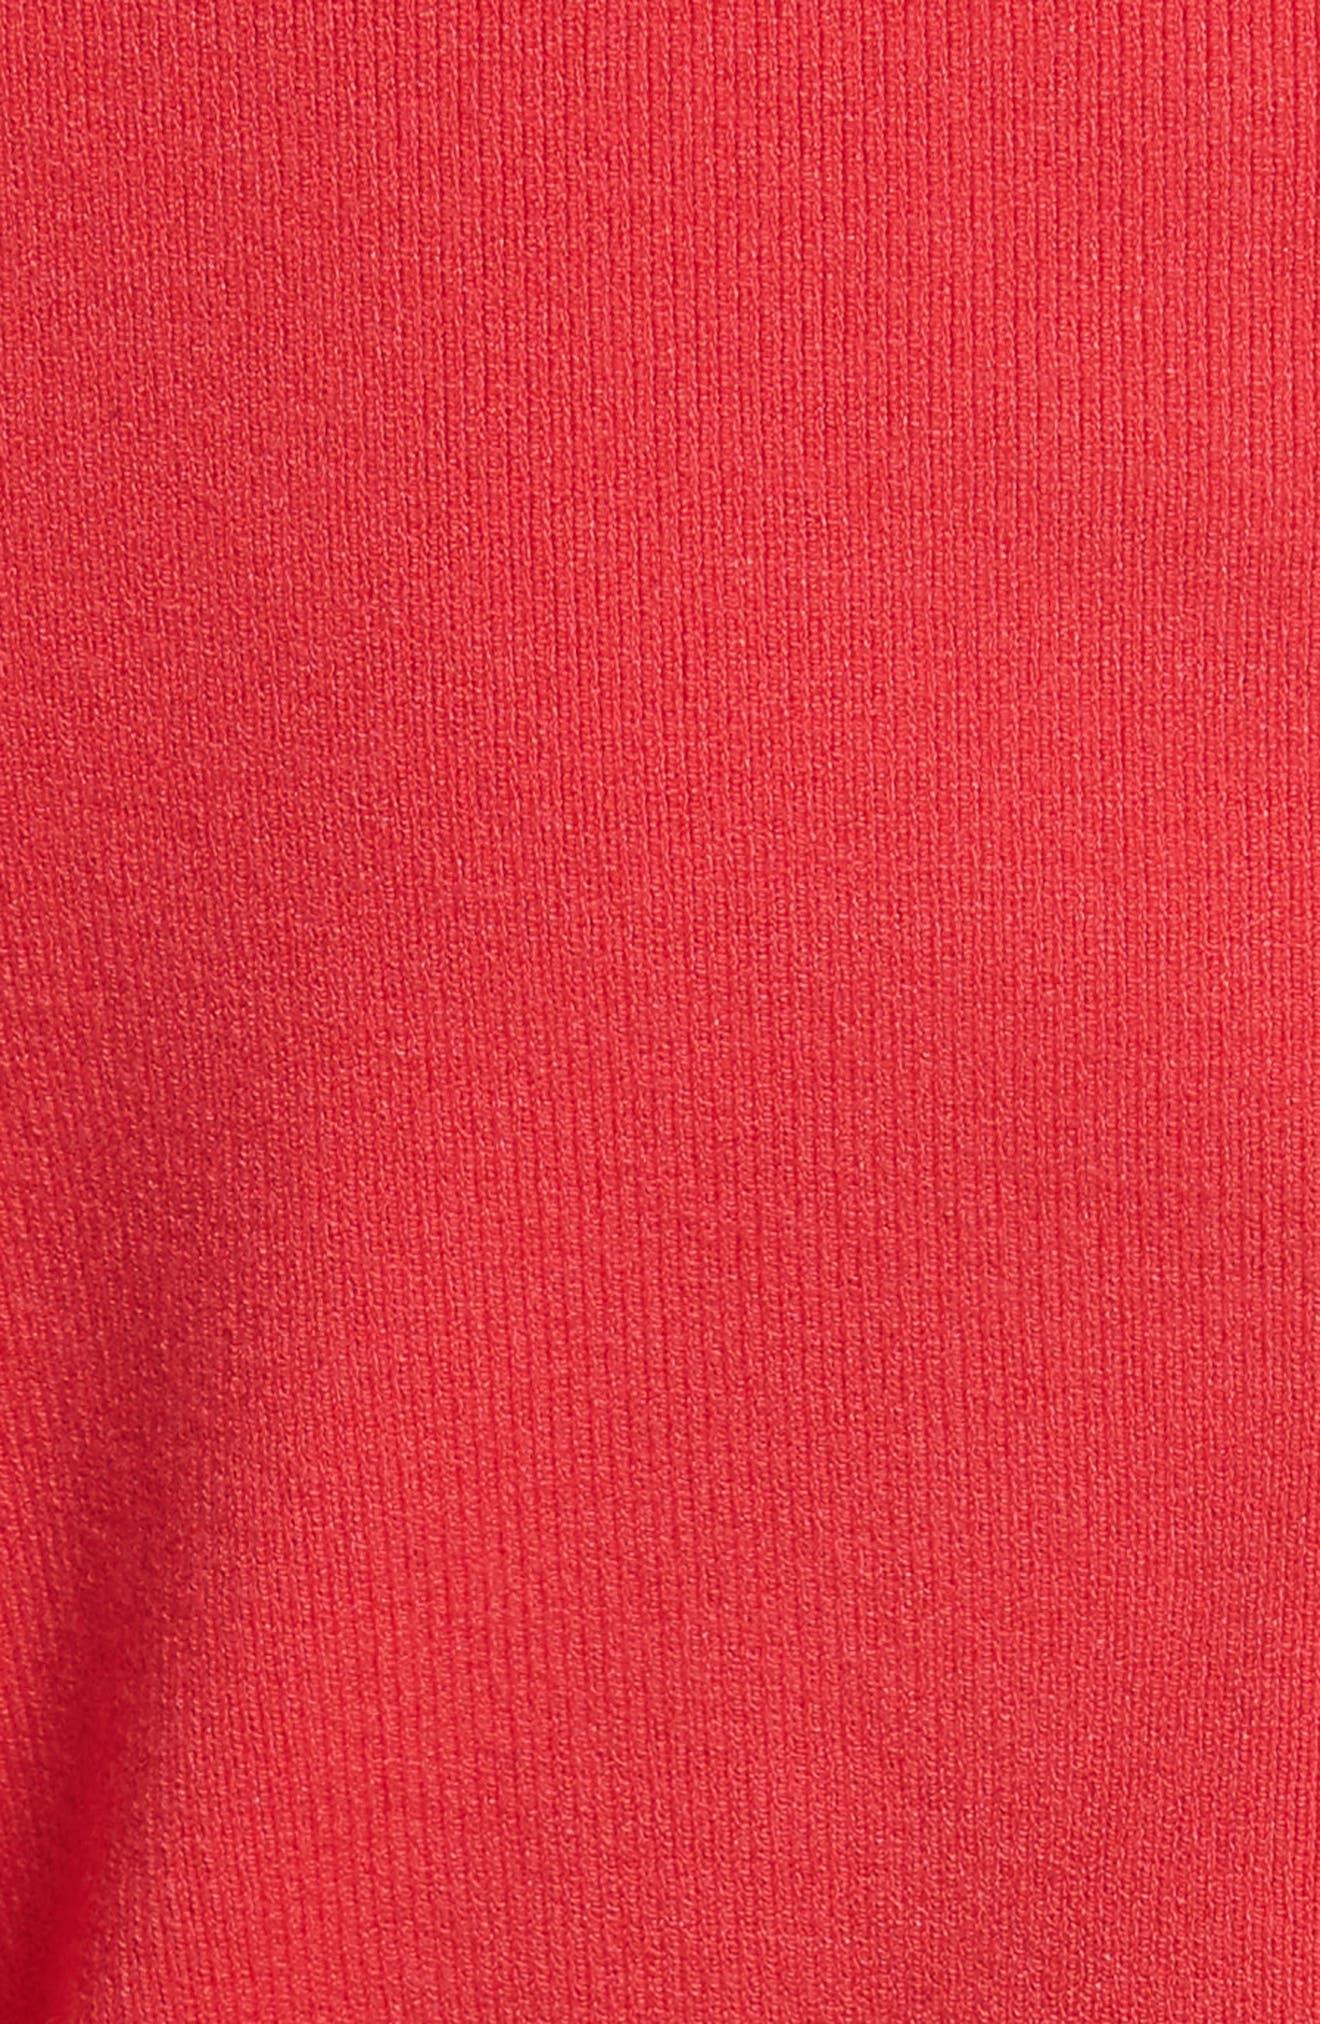 Square Neck Sheath Dress,                             Alternate thumbnail 5, color,